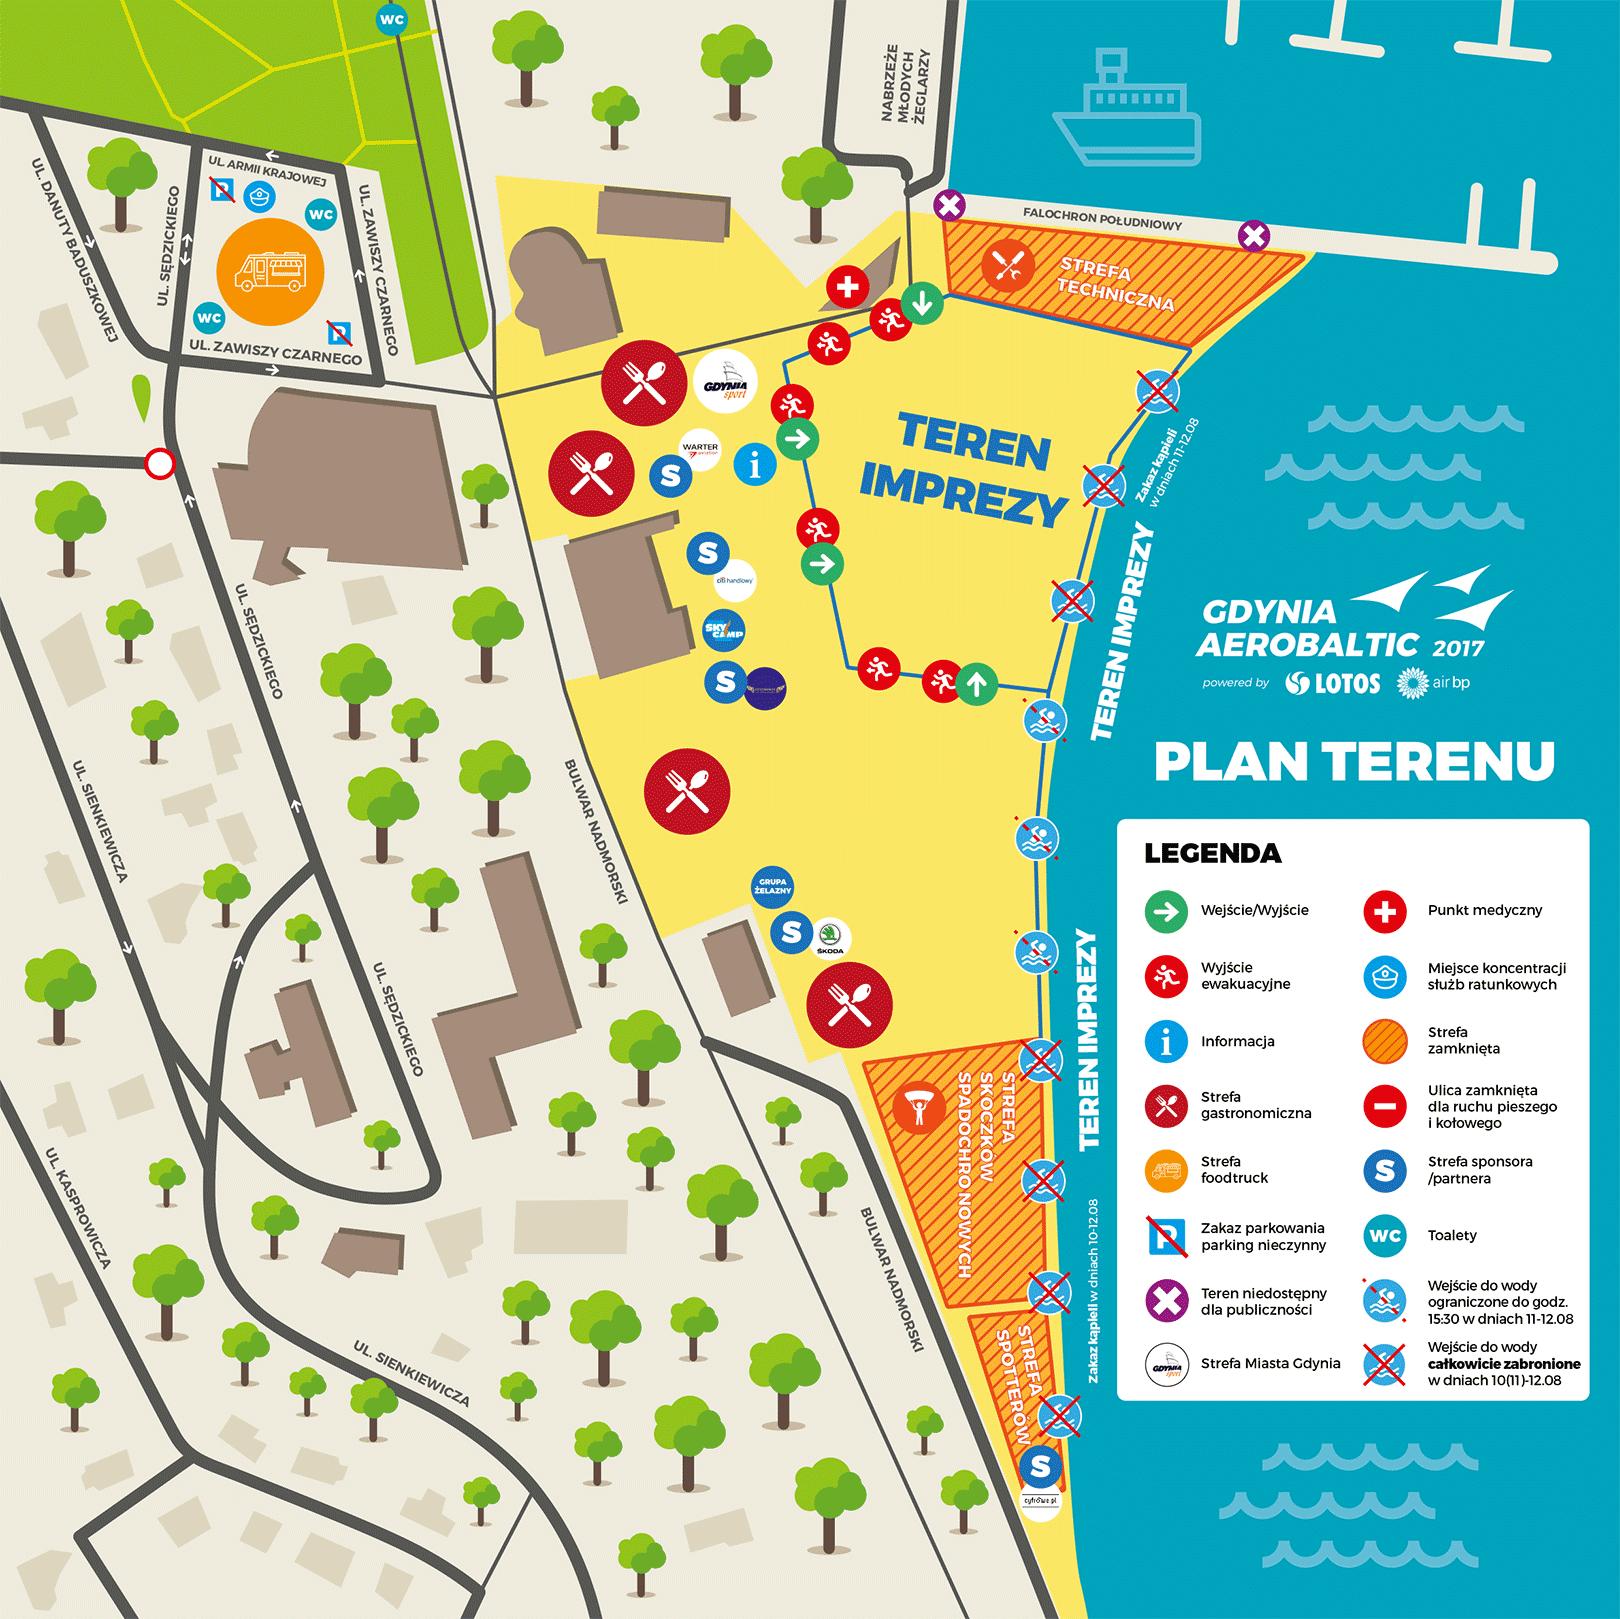 Mapa Gdynia AeroBaltic 2017